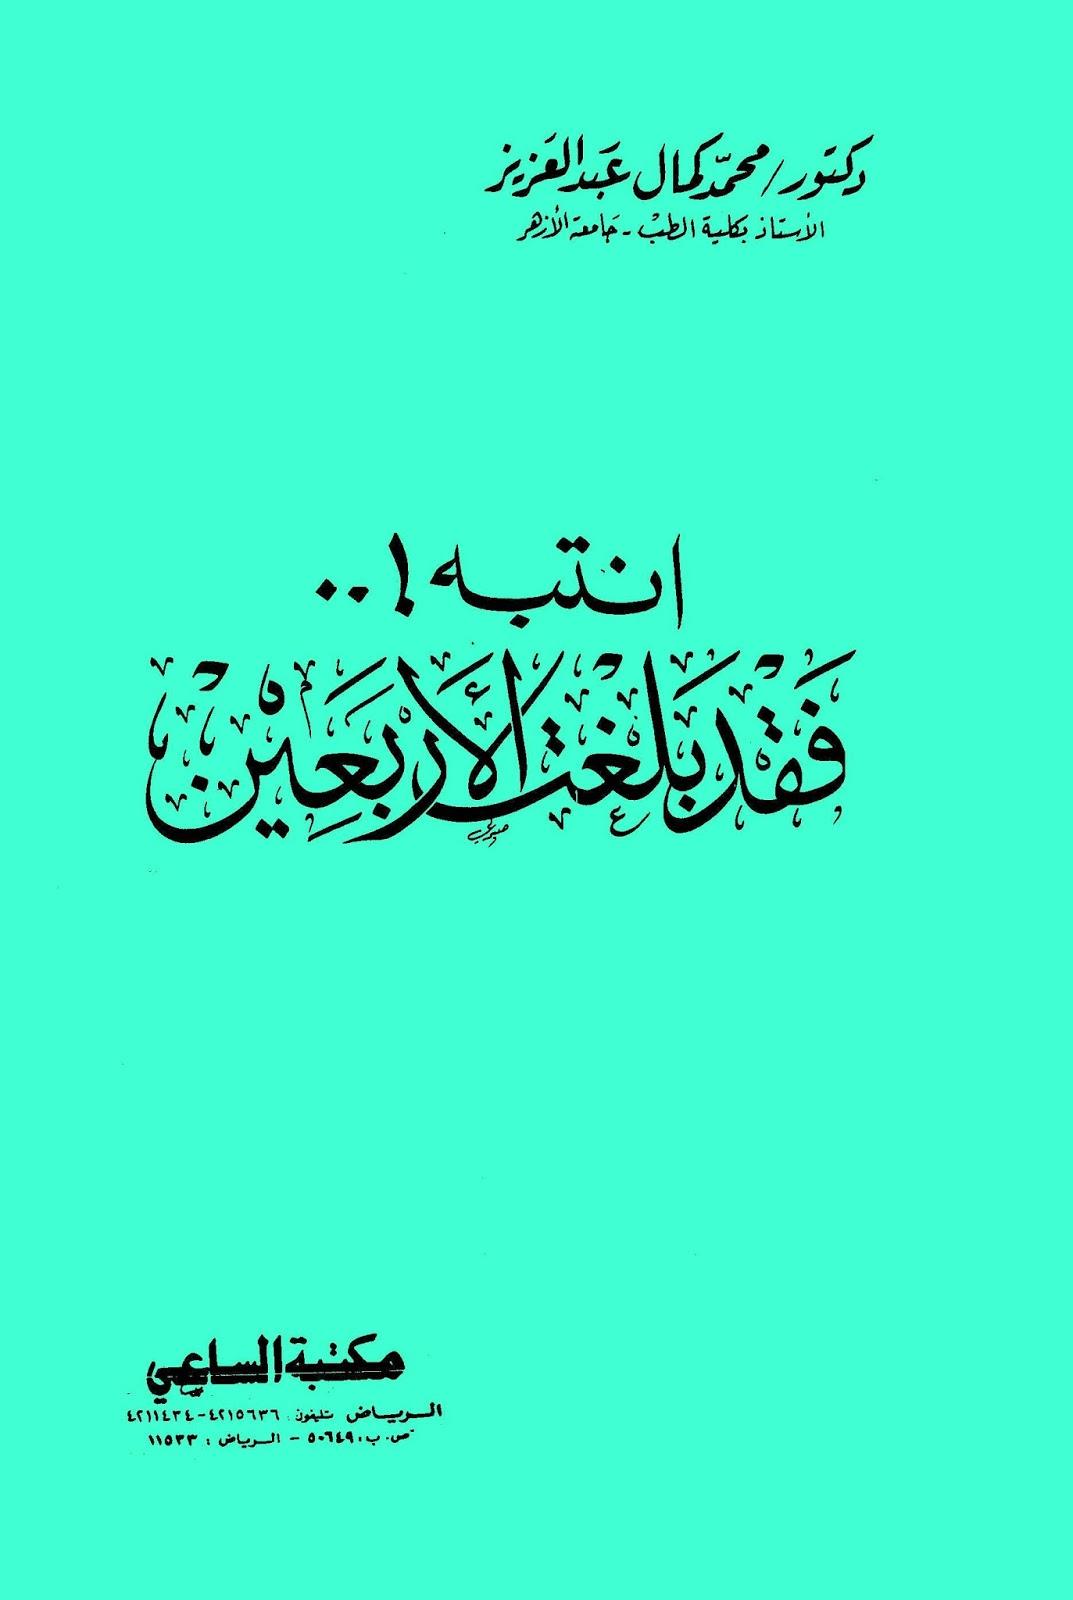 fe597 d8a7d984d8b5d981d8add8a7d8aad985d986d8a7d986d8aad8a8d987d981d982d8afd8a8d984d8bad8aad8a7d984d8a3d8b1d8a8d8b9d98ad986 - انتبه !.. فقد بلغت الأربعين _ الدكتور محمد كمال عبد العزيز